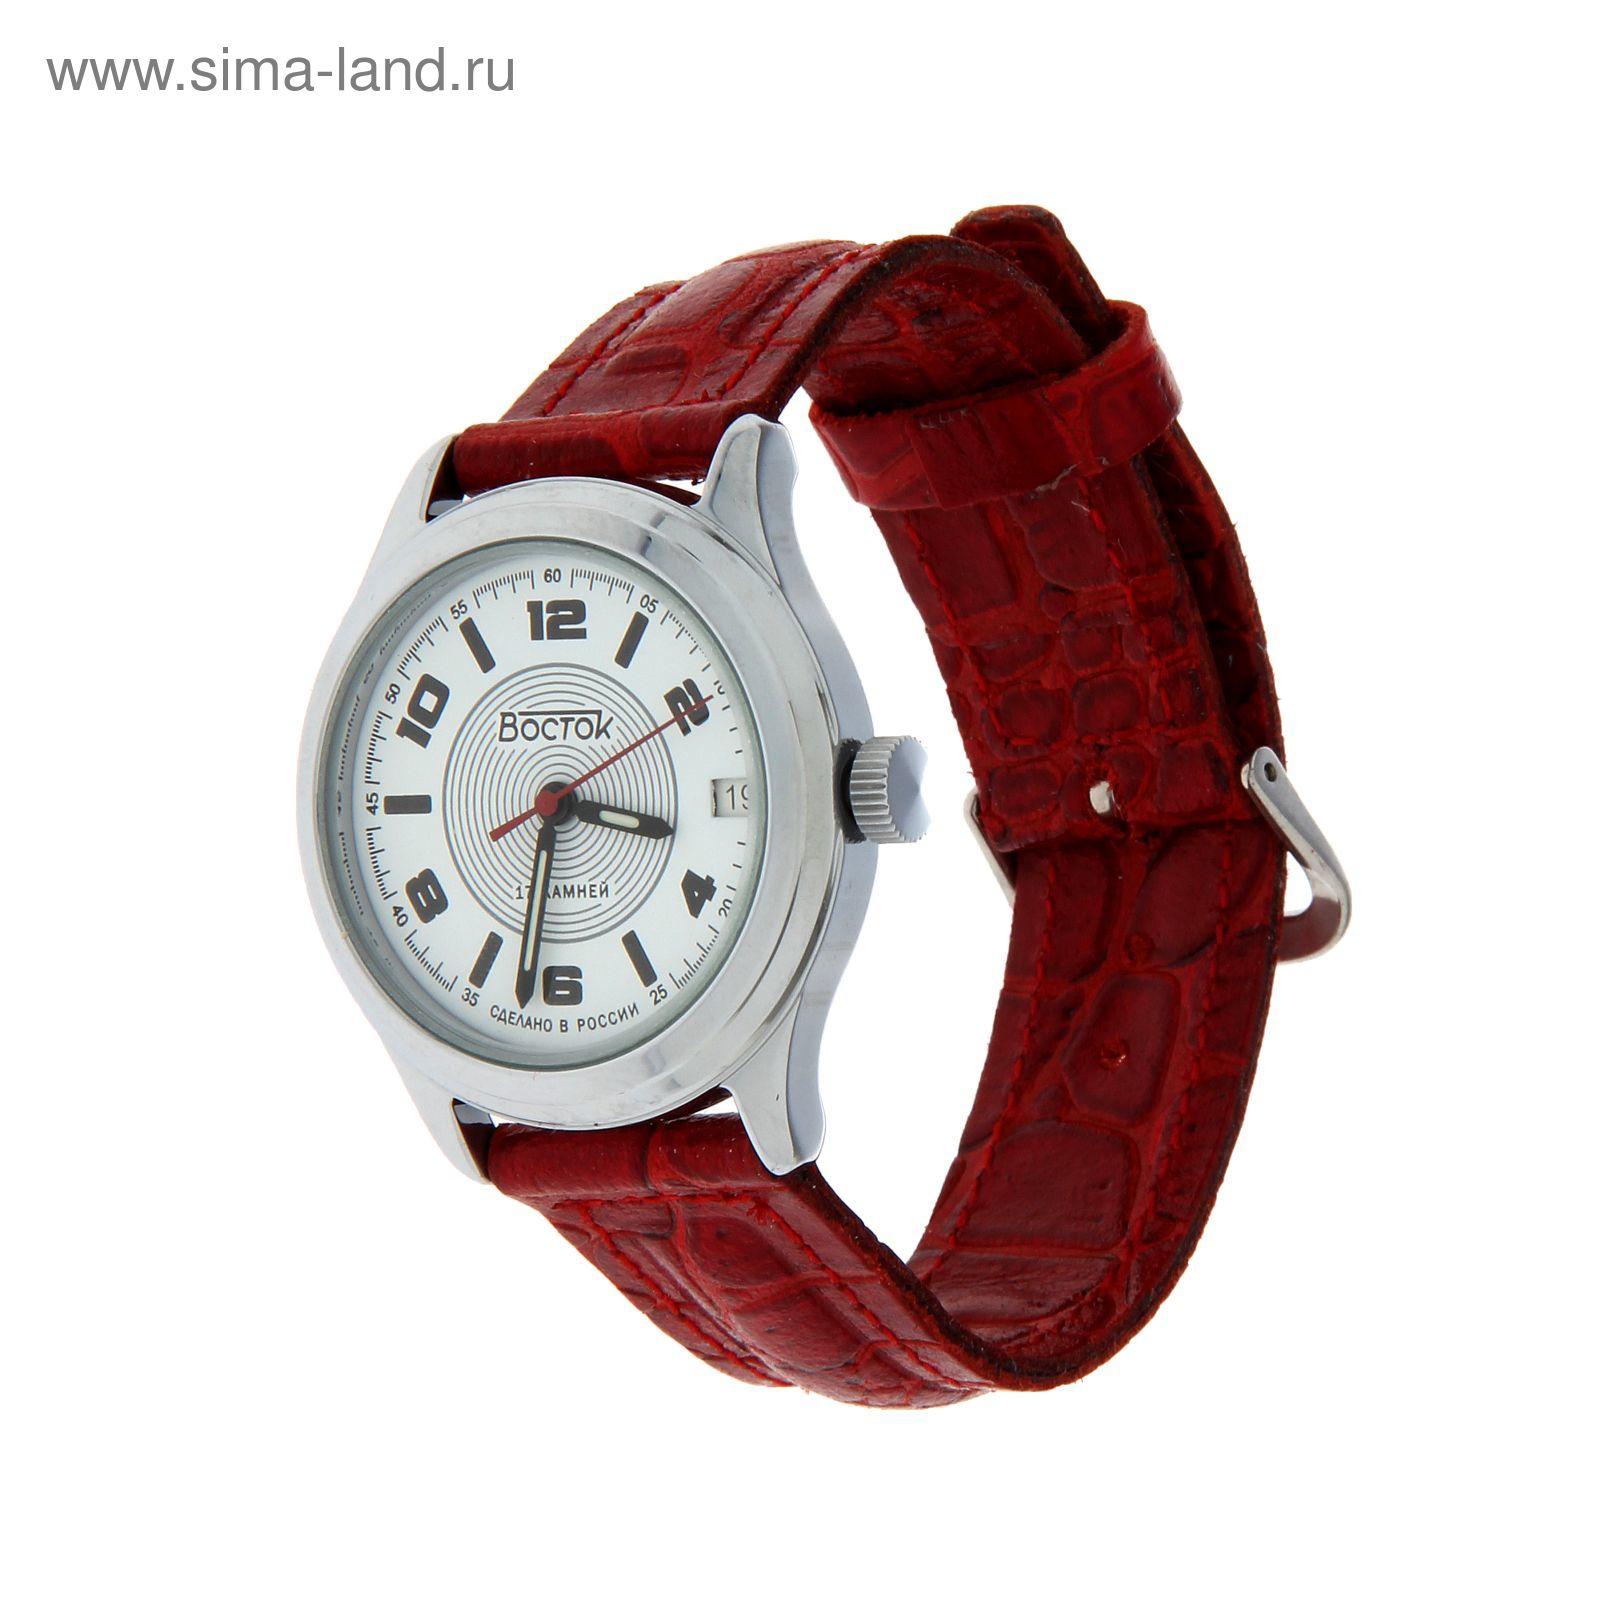 Командирские часы купить екатеринбург интернет магазин часы синего цвета купить